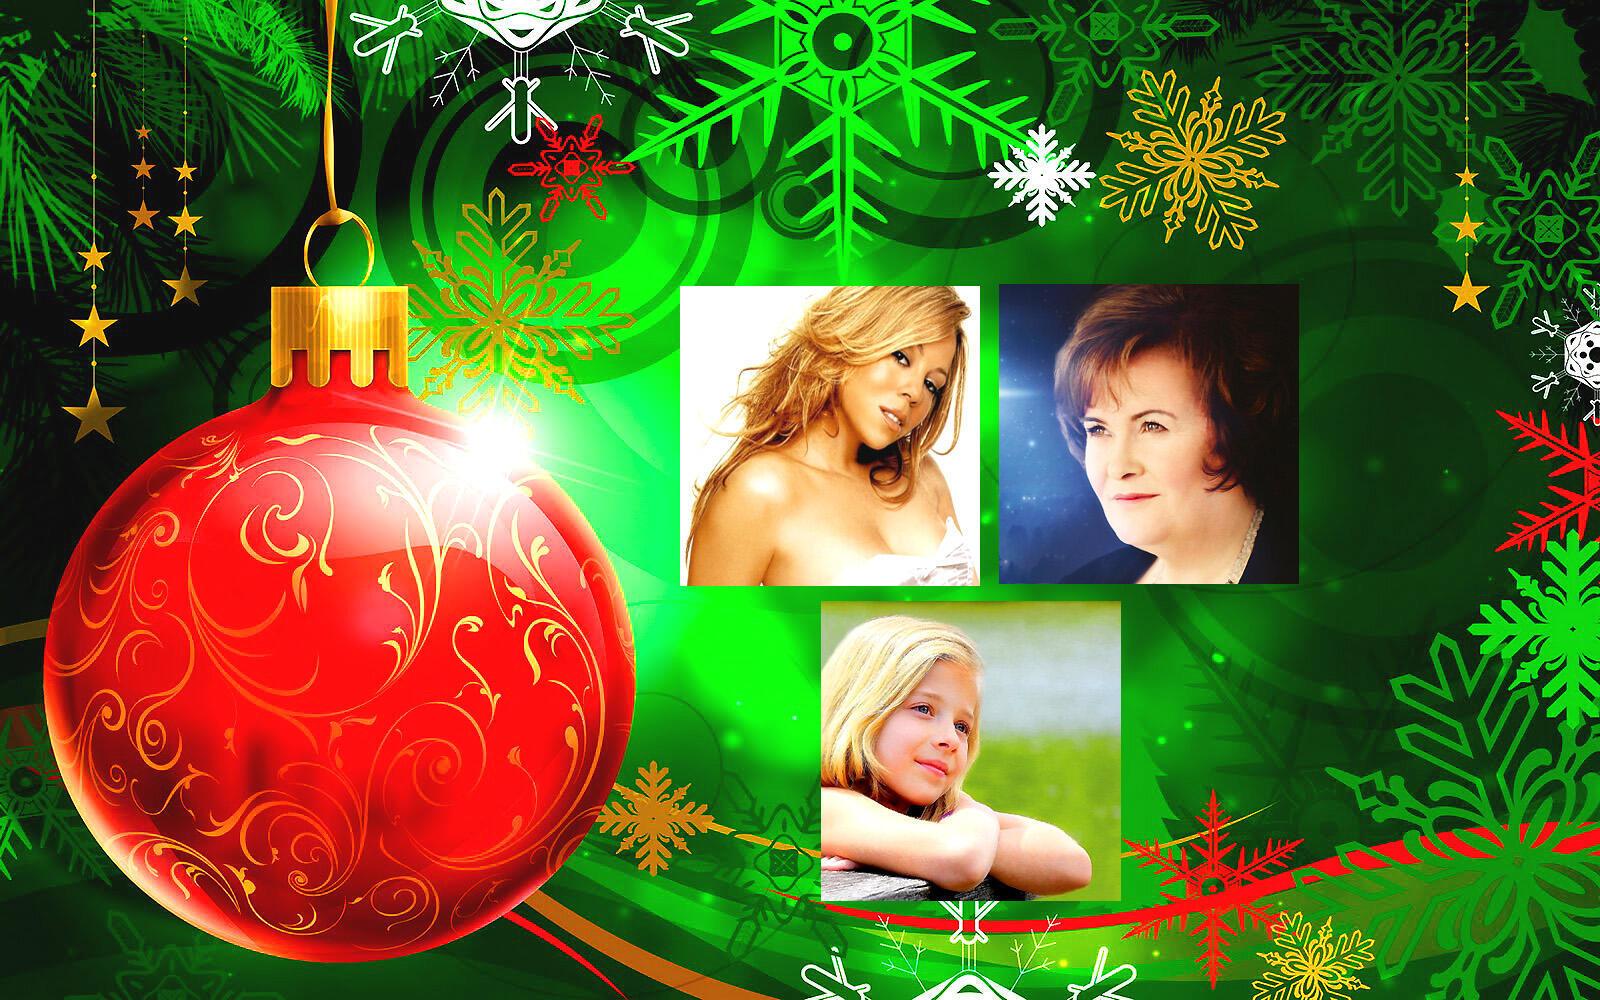 Các tuyển tập nhạc Noel phát hành năm 2010 (DR)